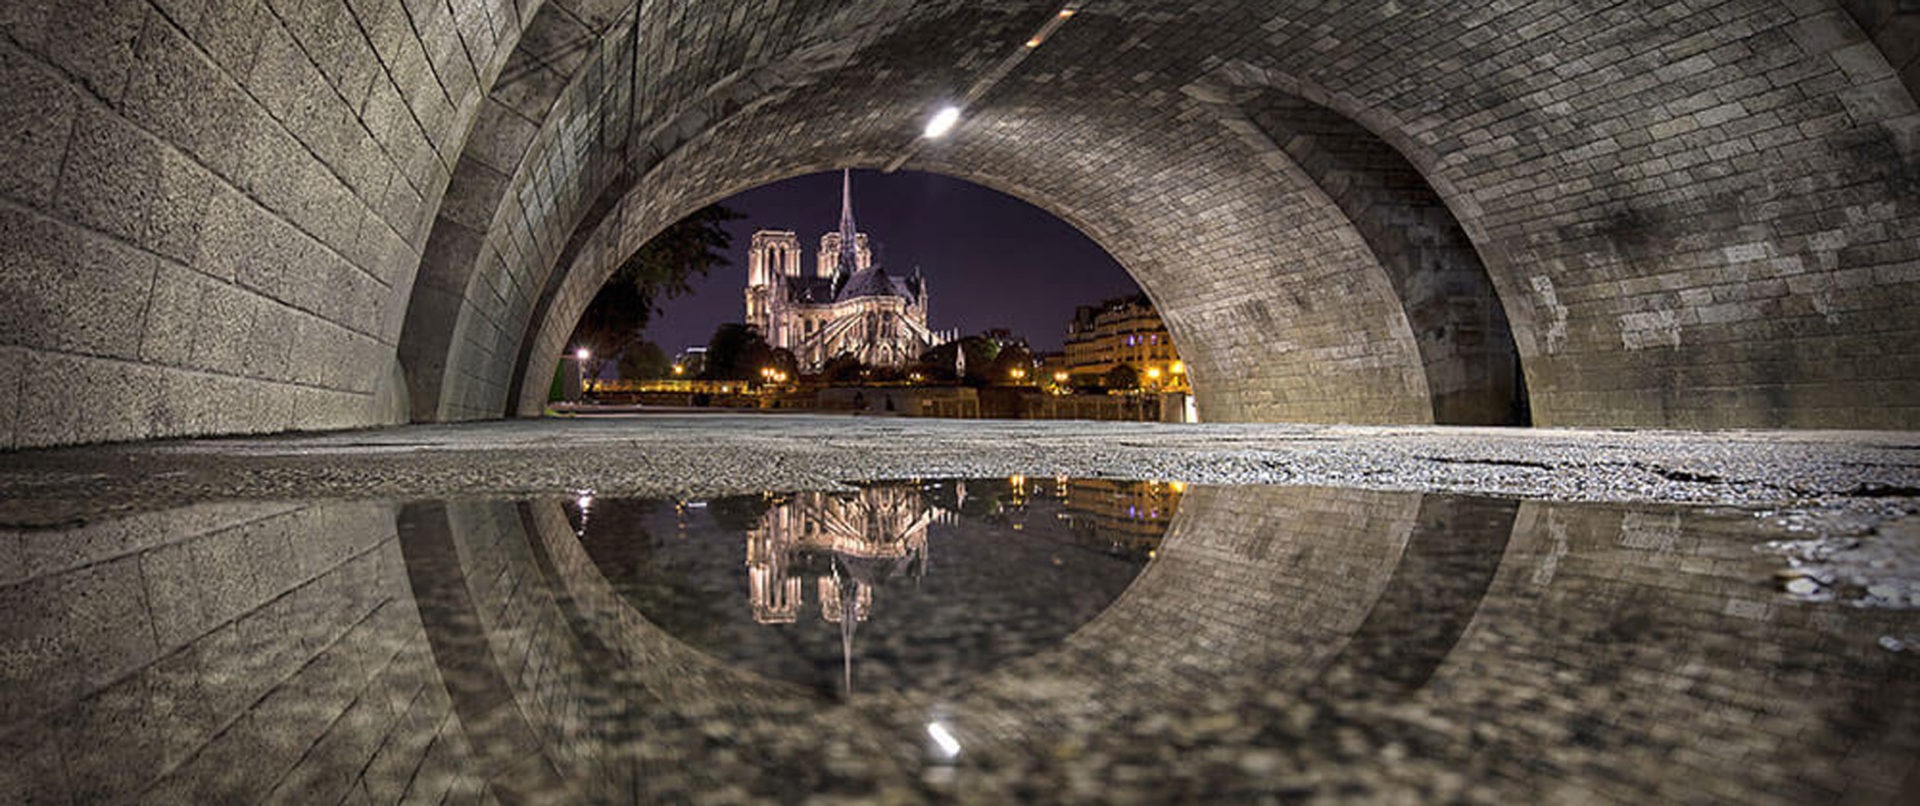 Paris-Crime-tour-guided-france